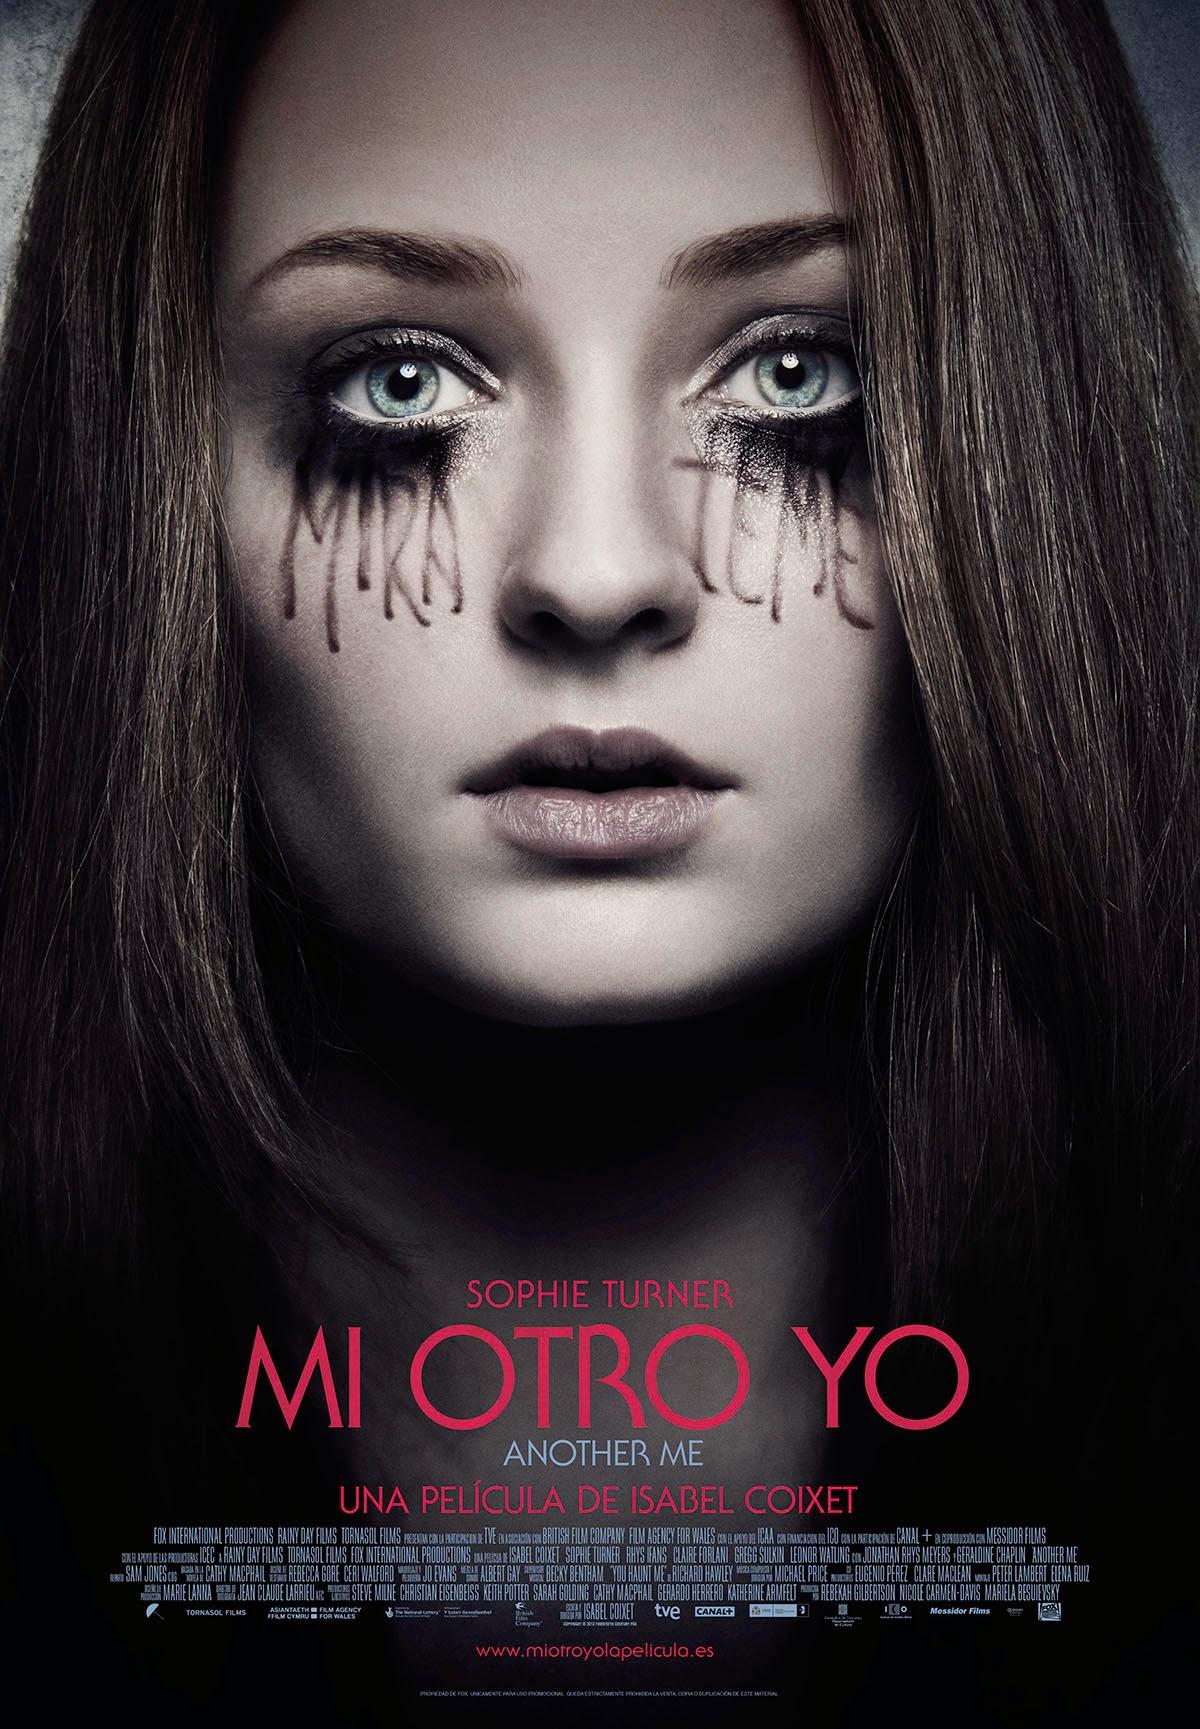 http://3.bp.blogspot.com/-5H_Fme0rnlI/U4iPVY5_O7I/AAAAAAAAJ1M/6ZIEI-YS5r8/s0/mi_otro_yo-cartel.jpg